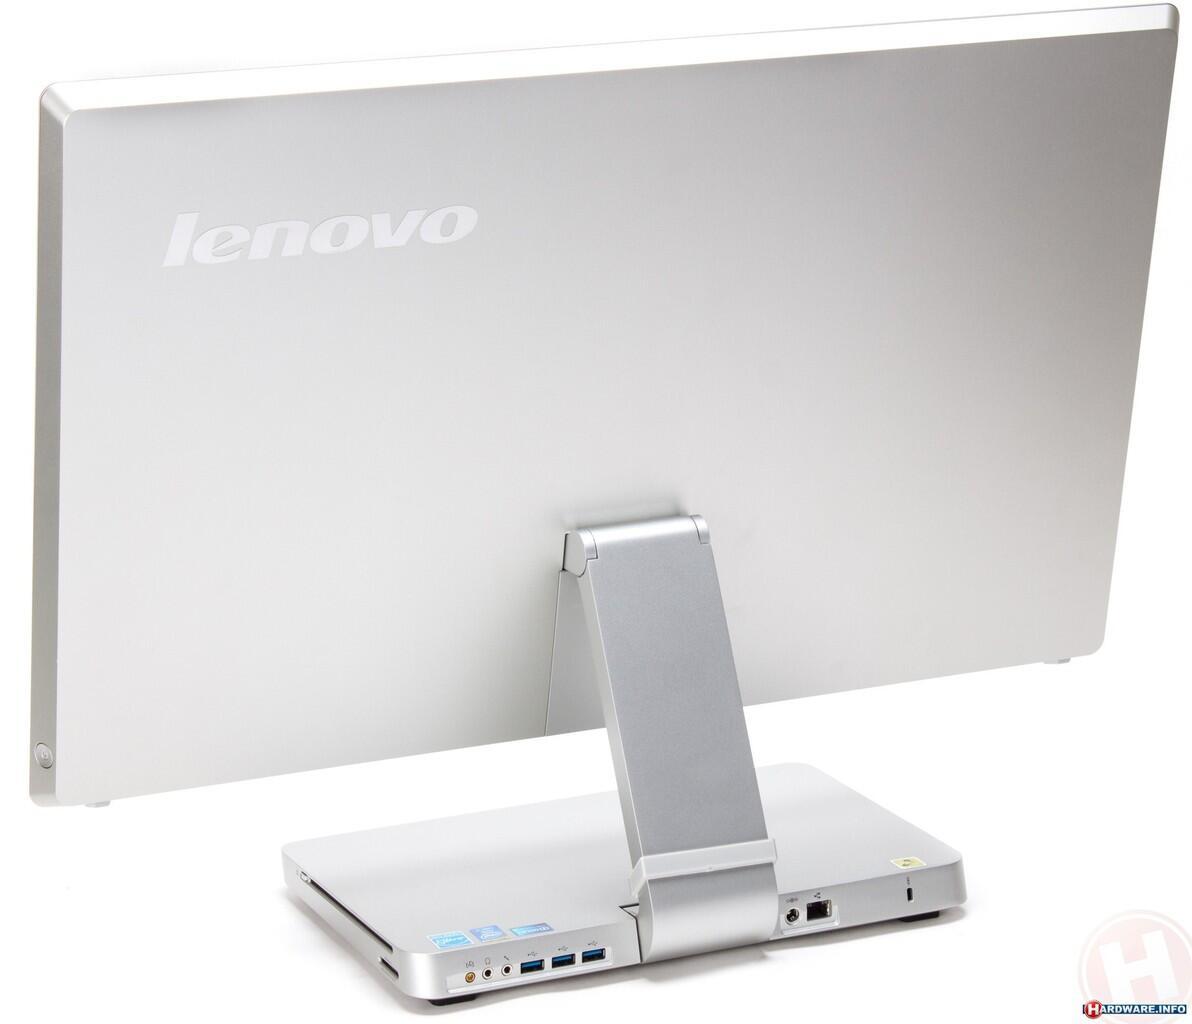 LENOVO IdeaCenter A730-4910 Touch